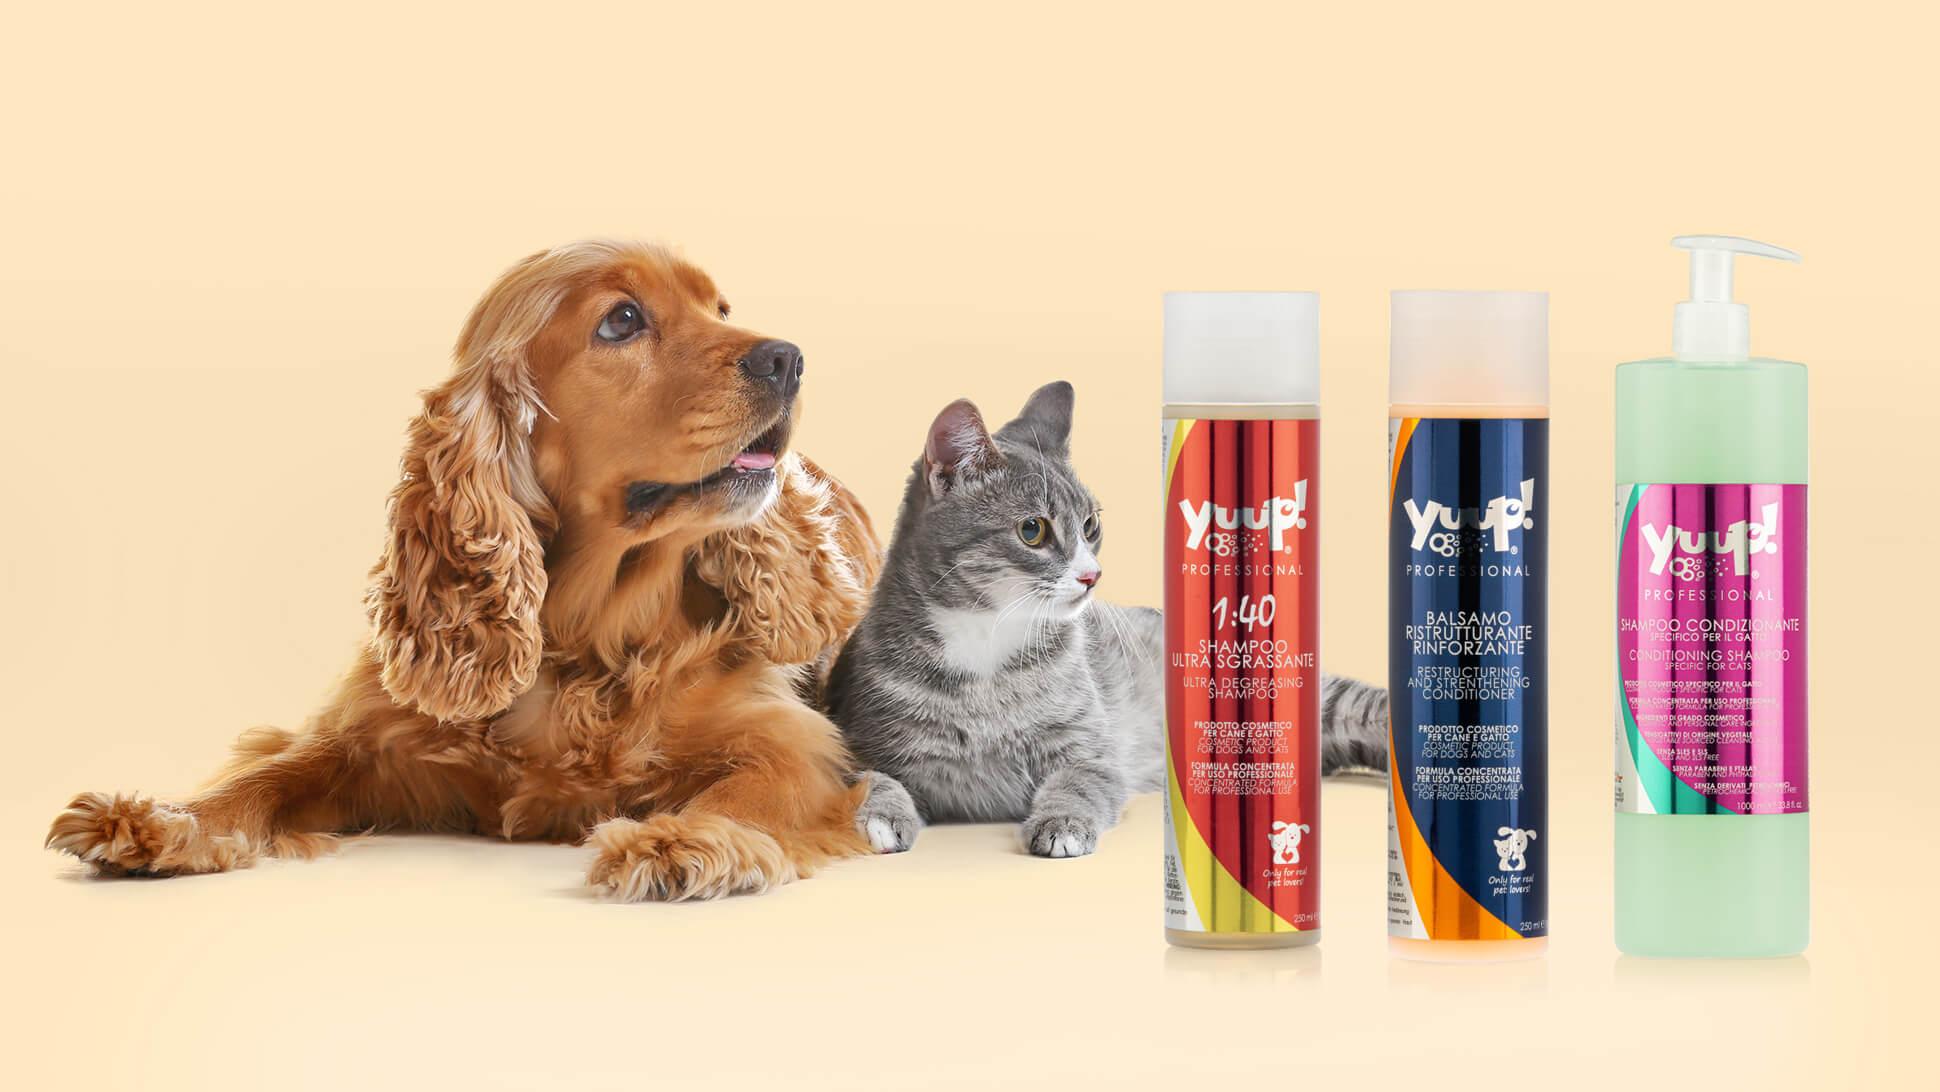 Etichette per cosmetici: amici pelosi più felici con Yuup!